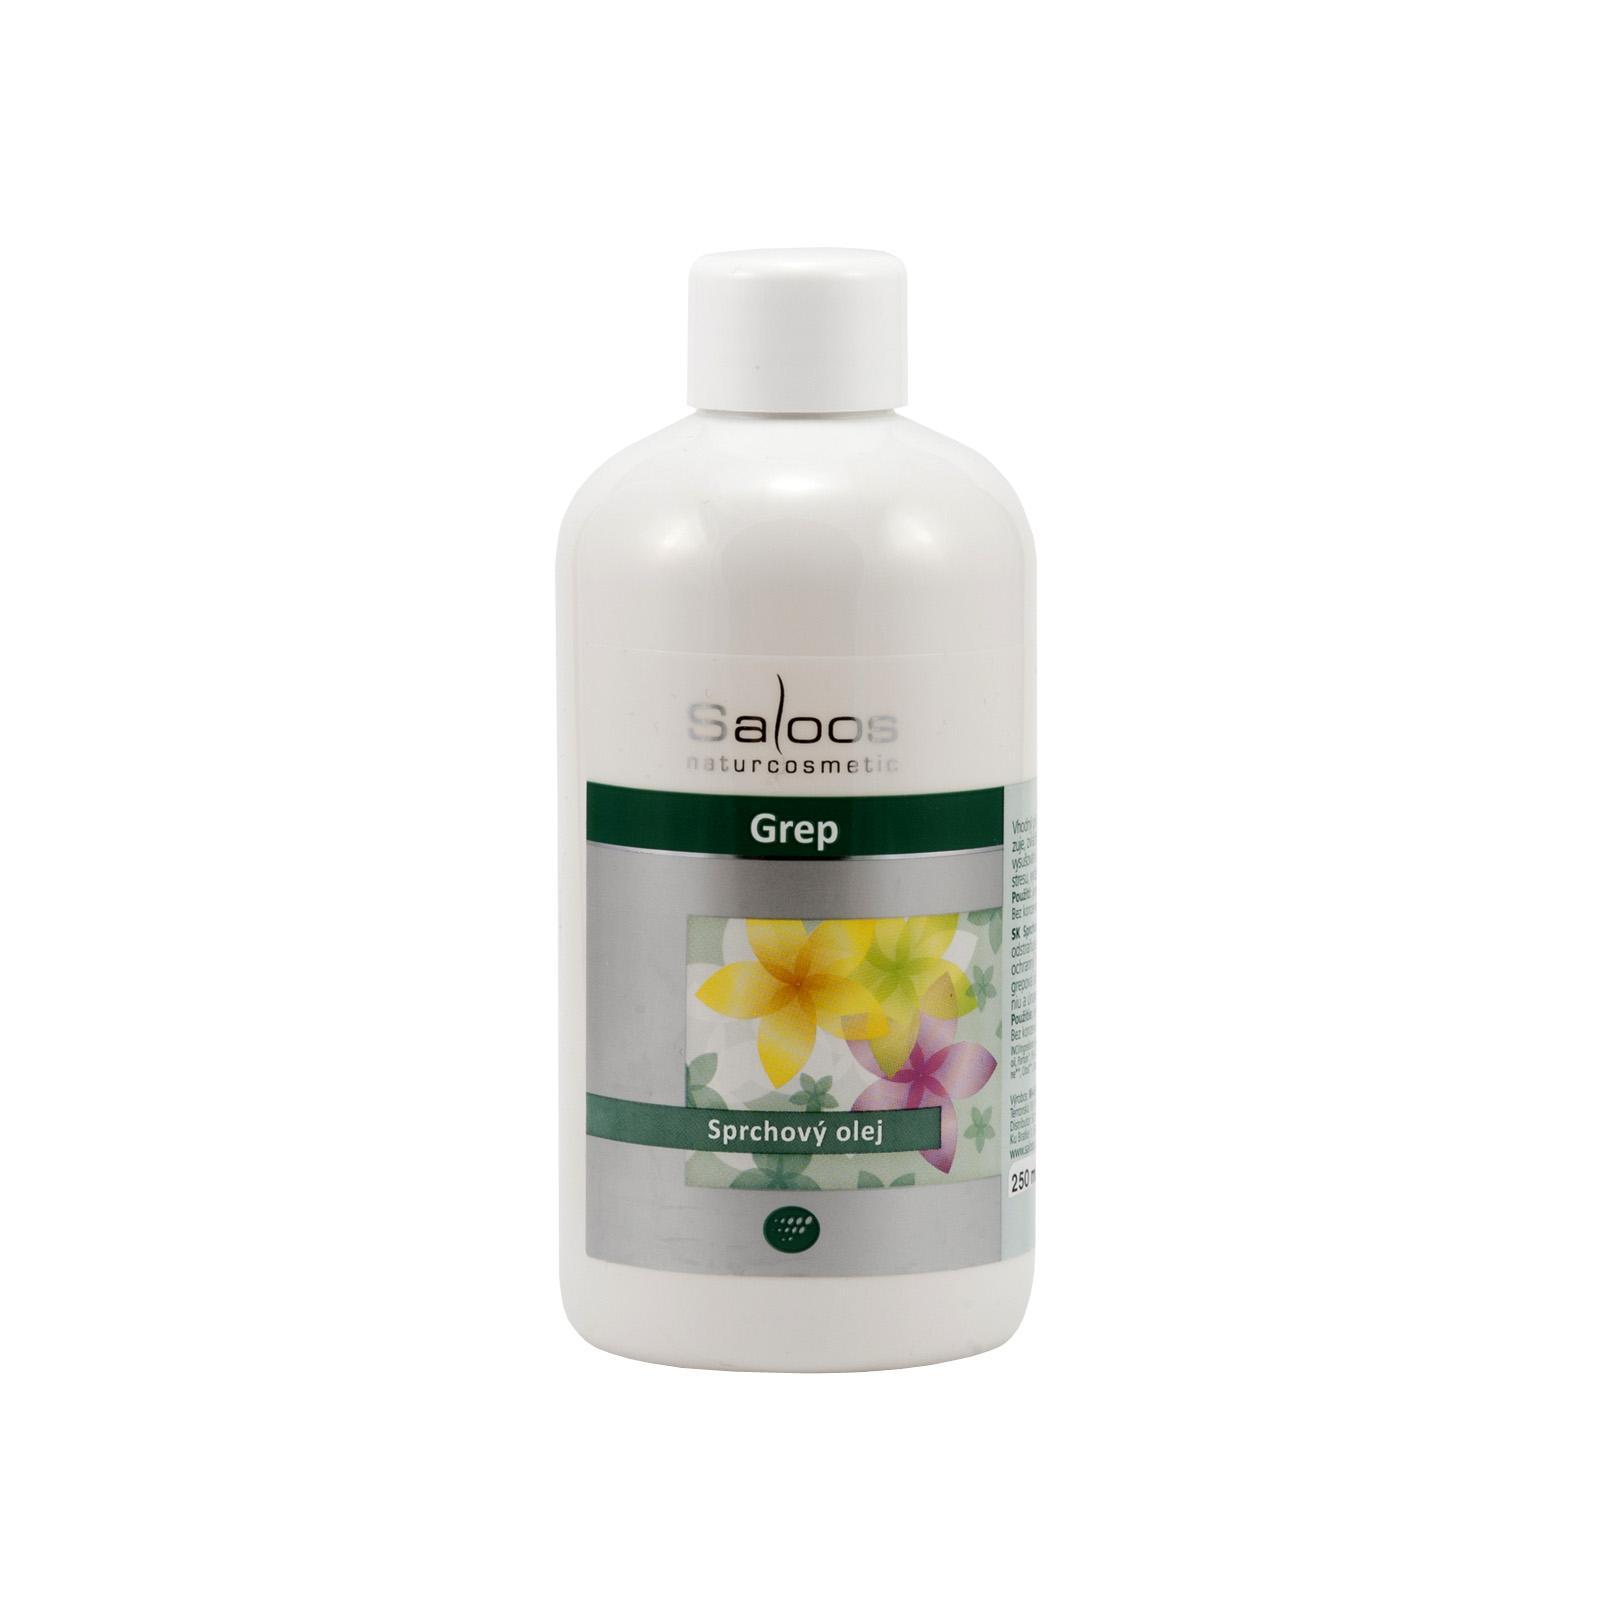 Saloos Sprchový olej grep 250 ml